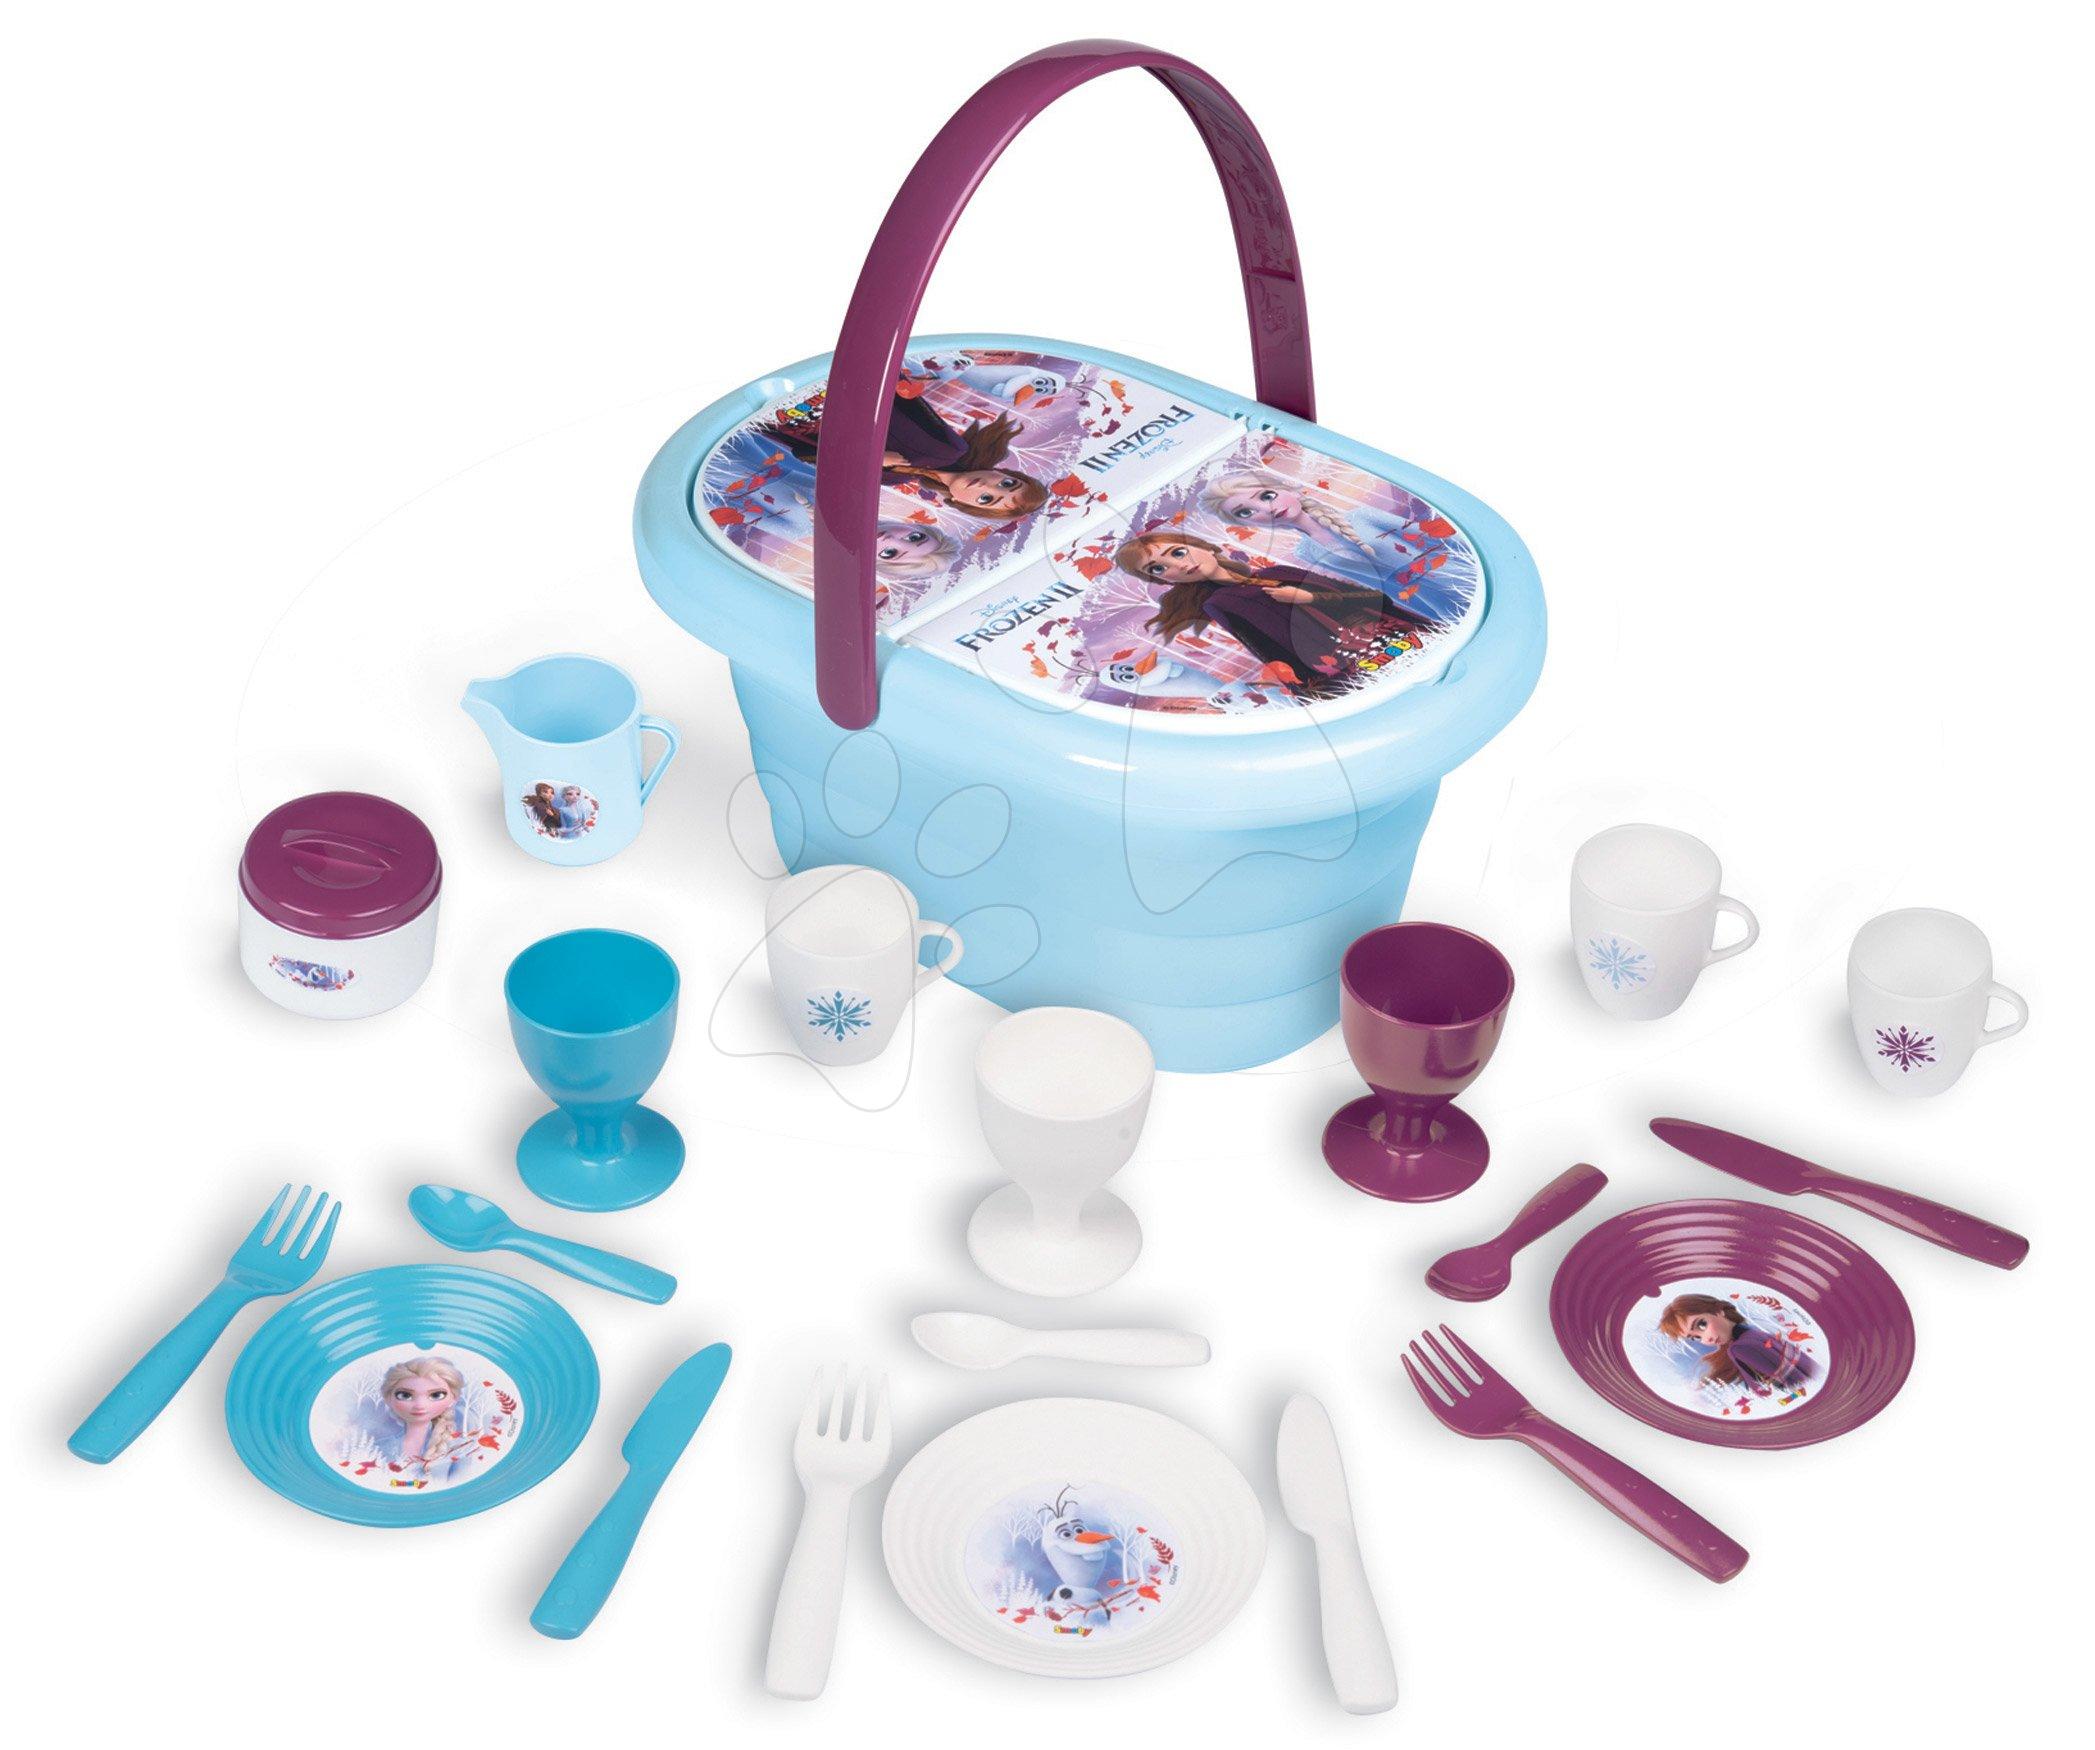 Košík s obedovou súpravou a pohármi Frozen 2 Disney Smoby s 21 doplnkami